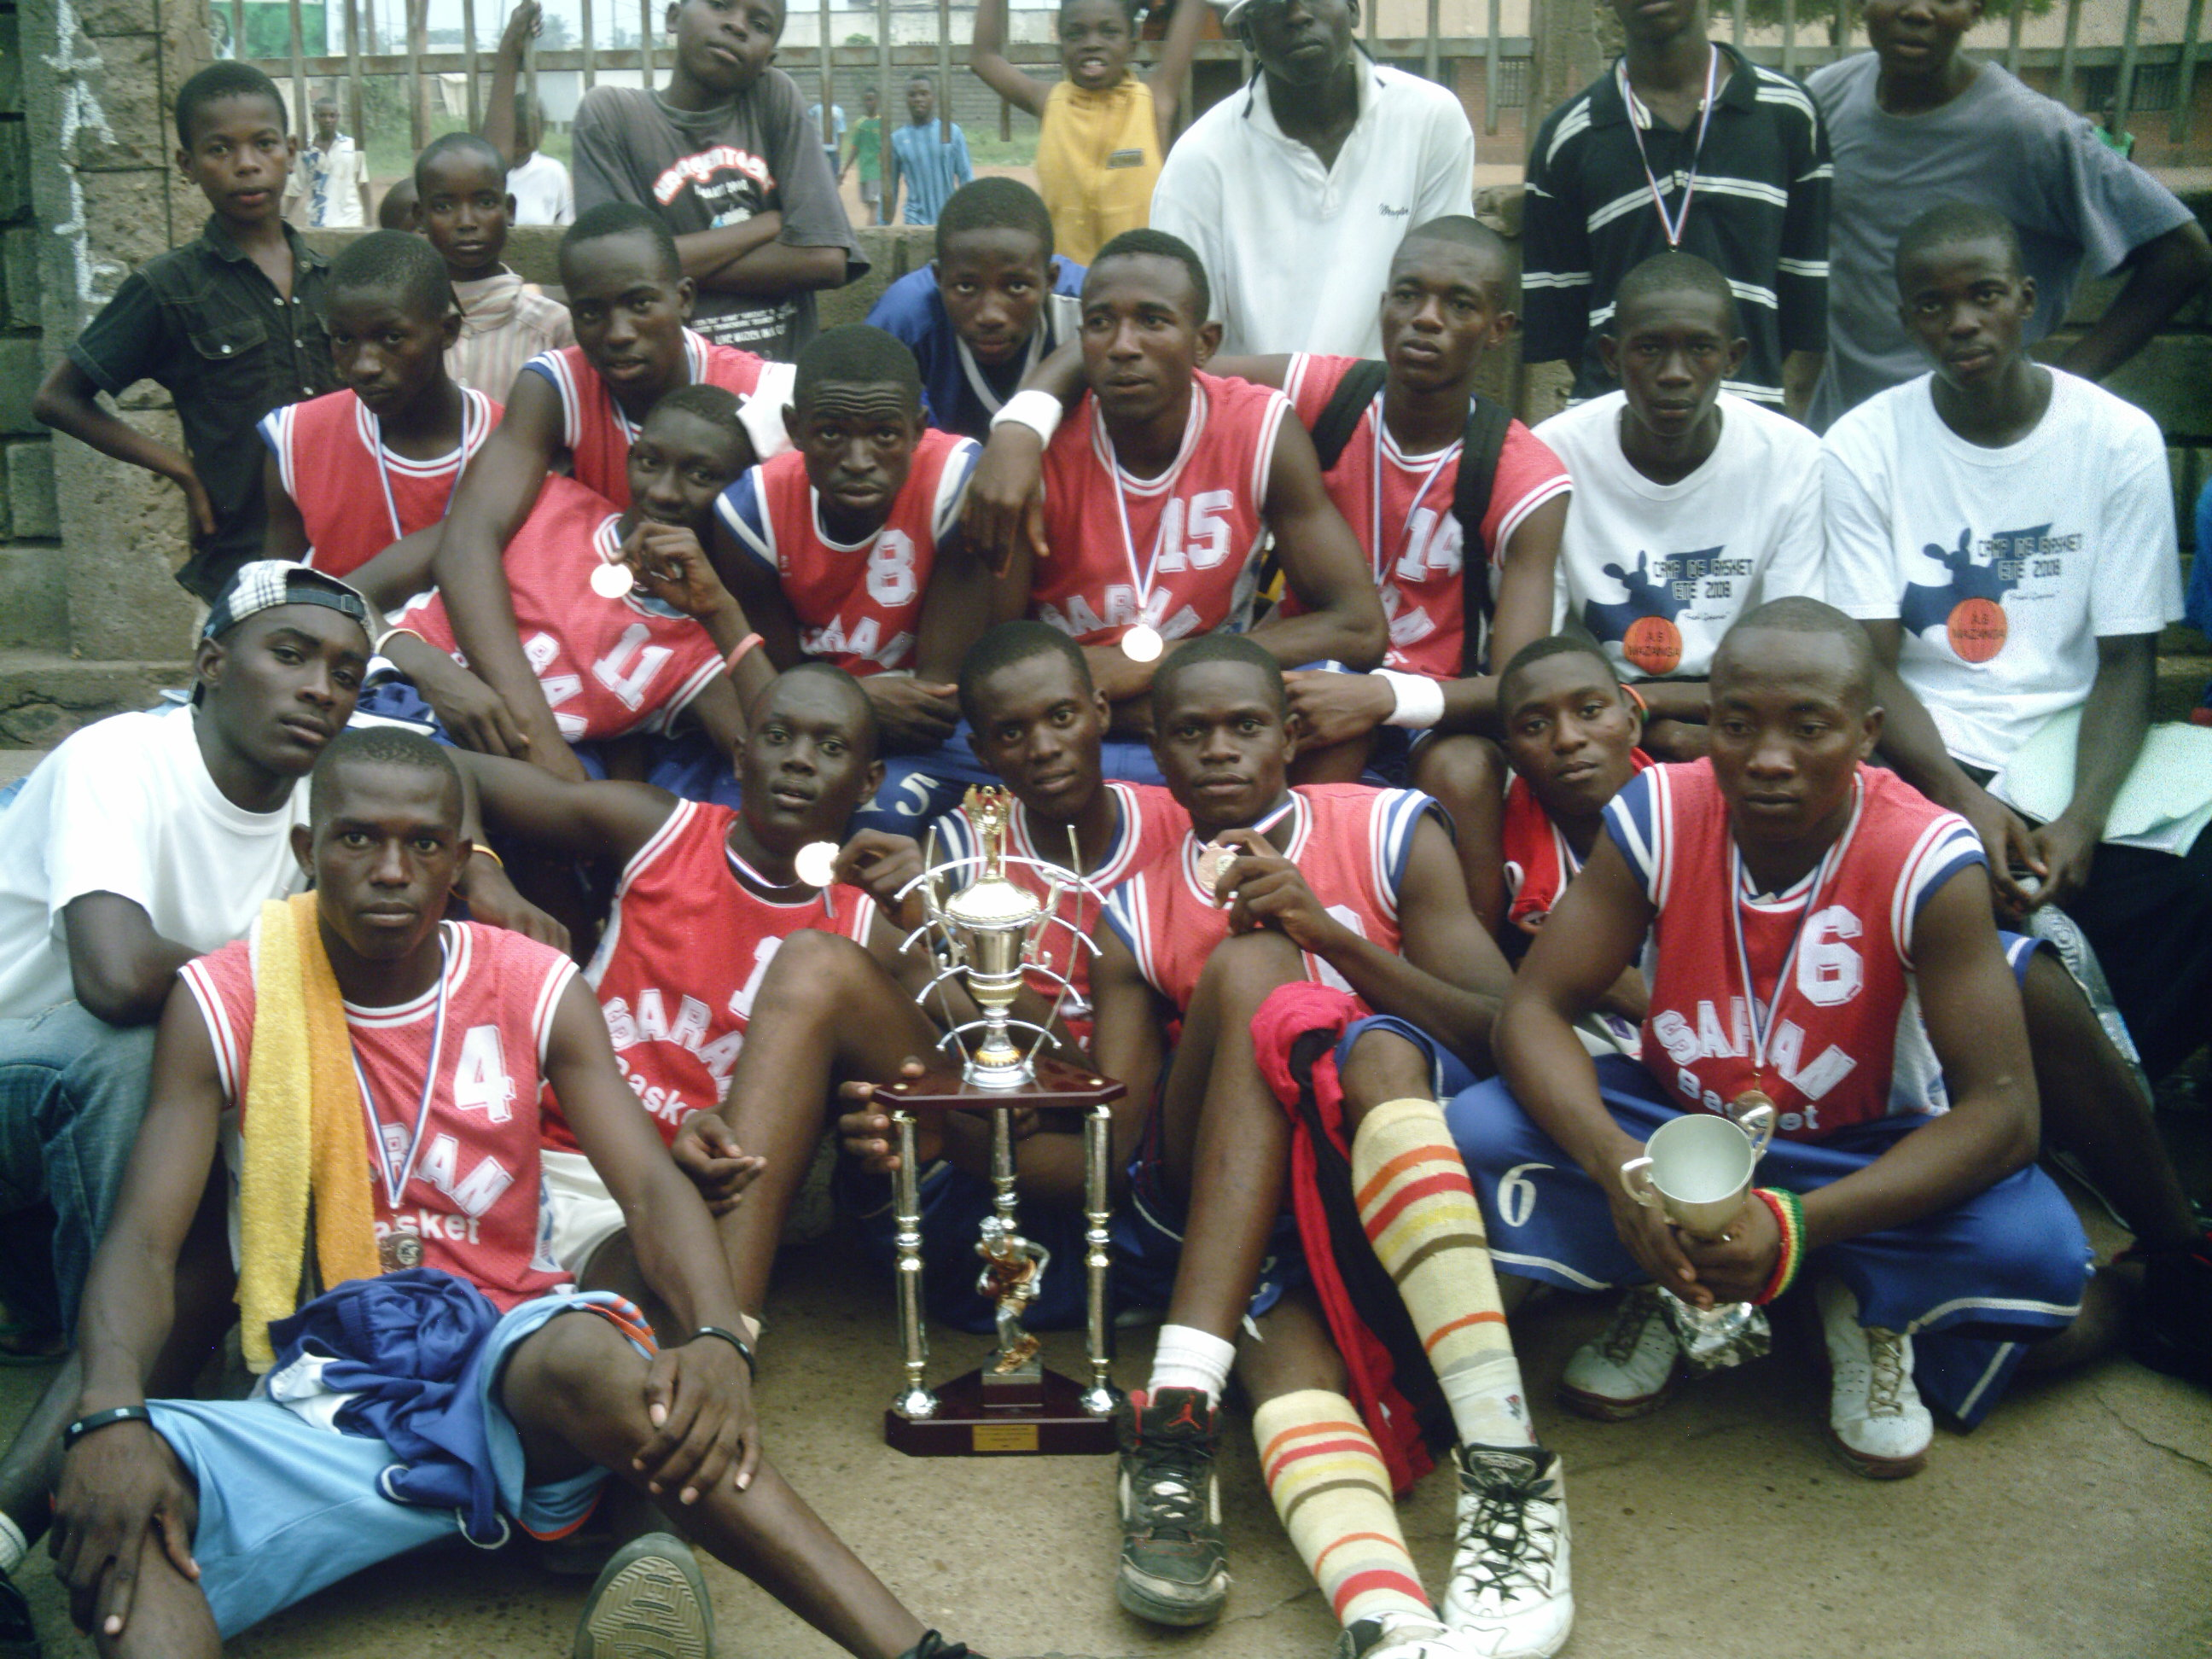 Les jeunes de l'AS.Mazanga,vainqueurs de la coupe de CHECY